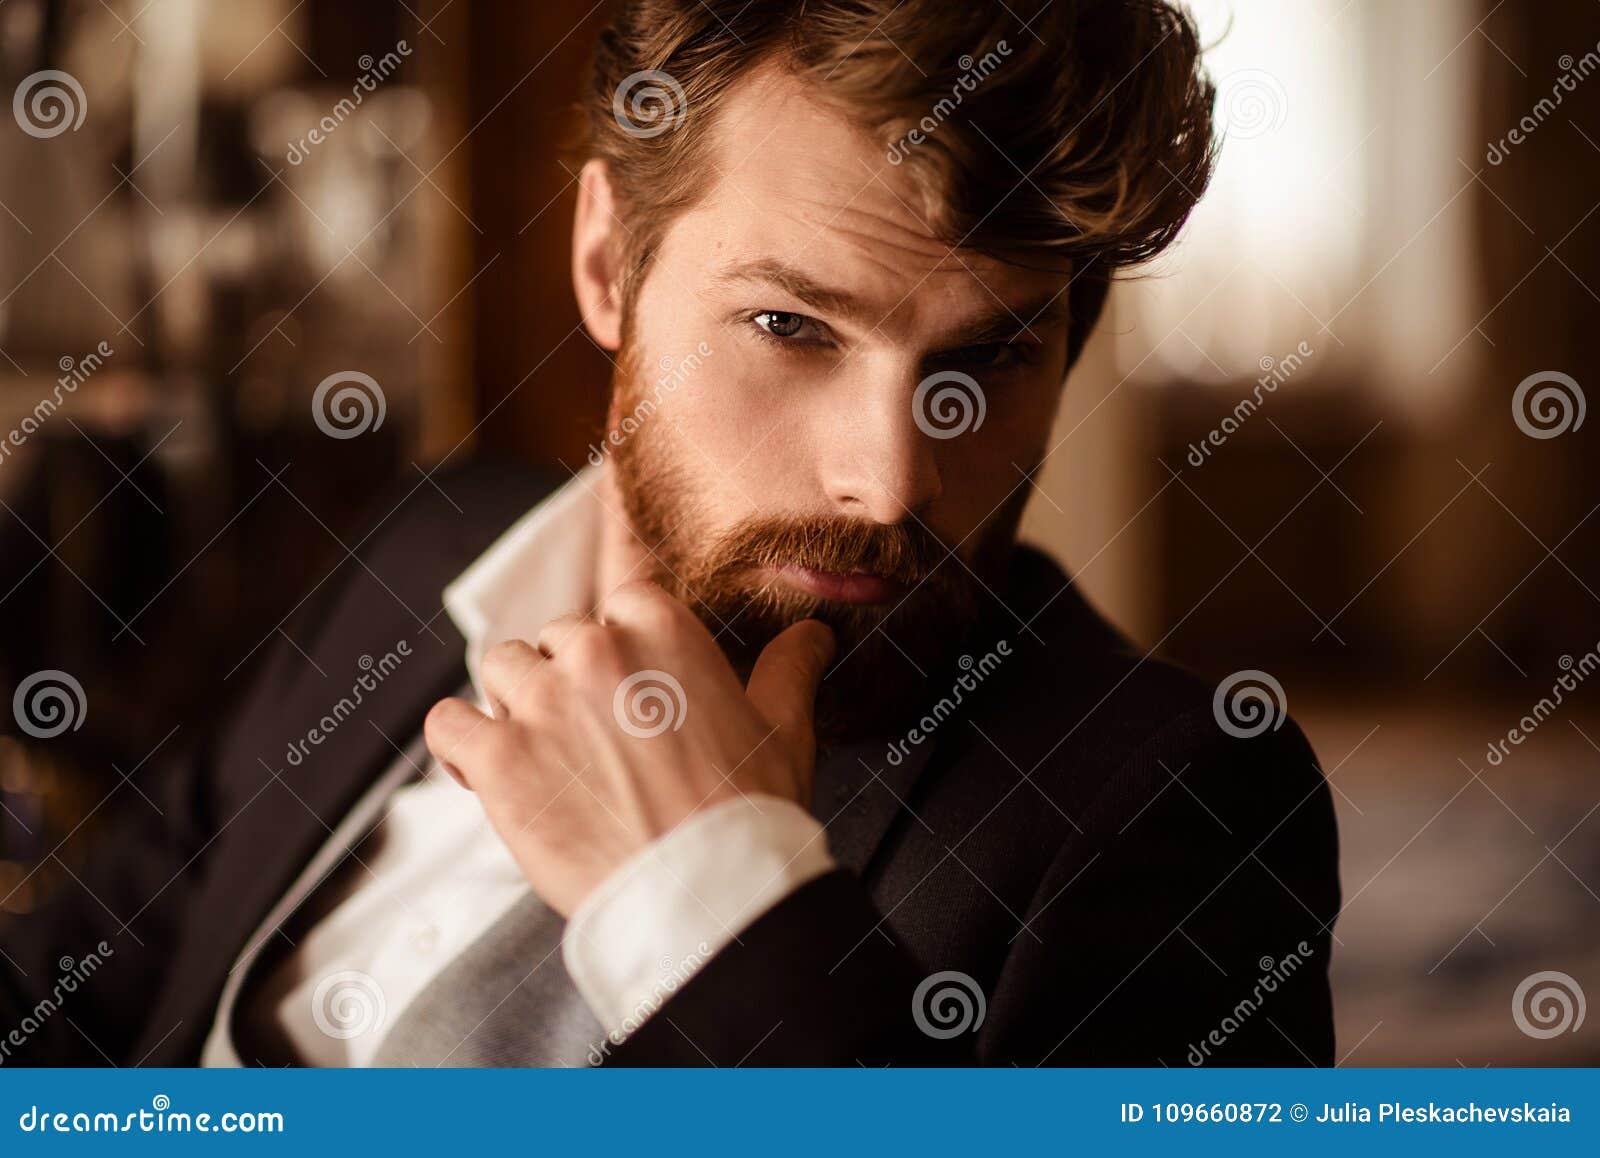 Zakończenie w górę portreta ufny biznesmen gęstą imbirową brodę i wąsy ubierających formalnie, być jaźnią gwarantującym wewnątrz